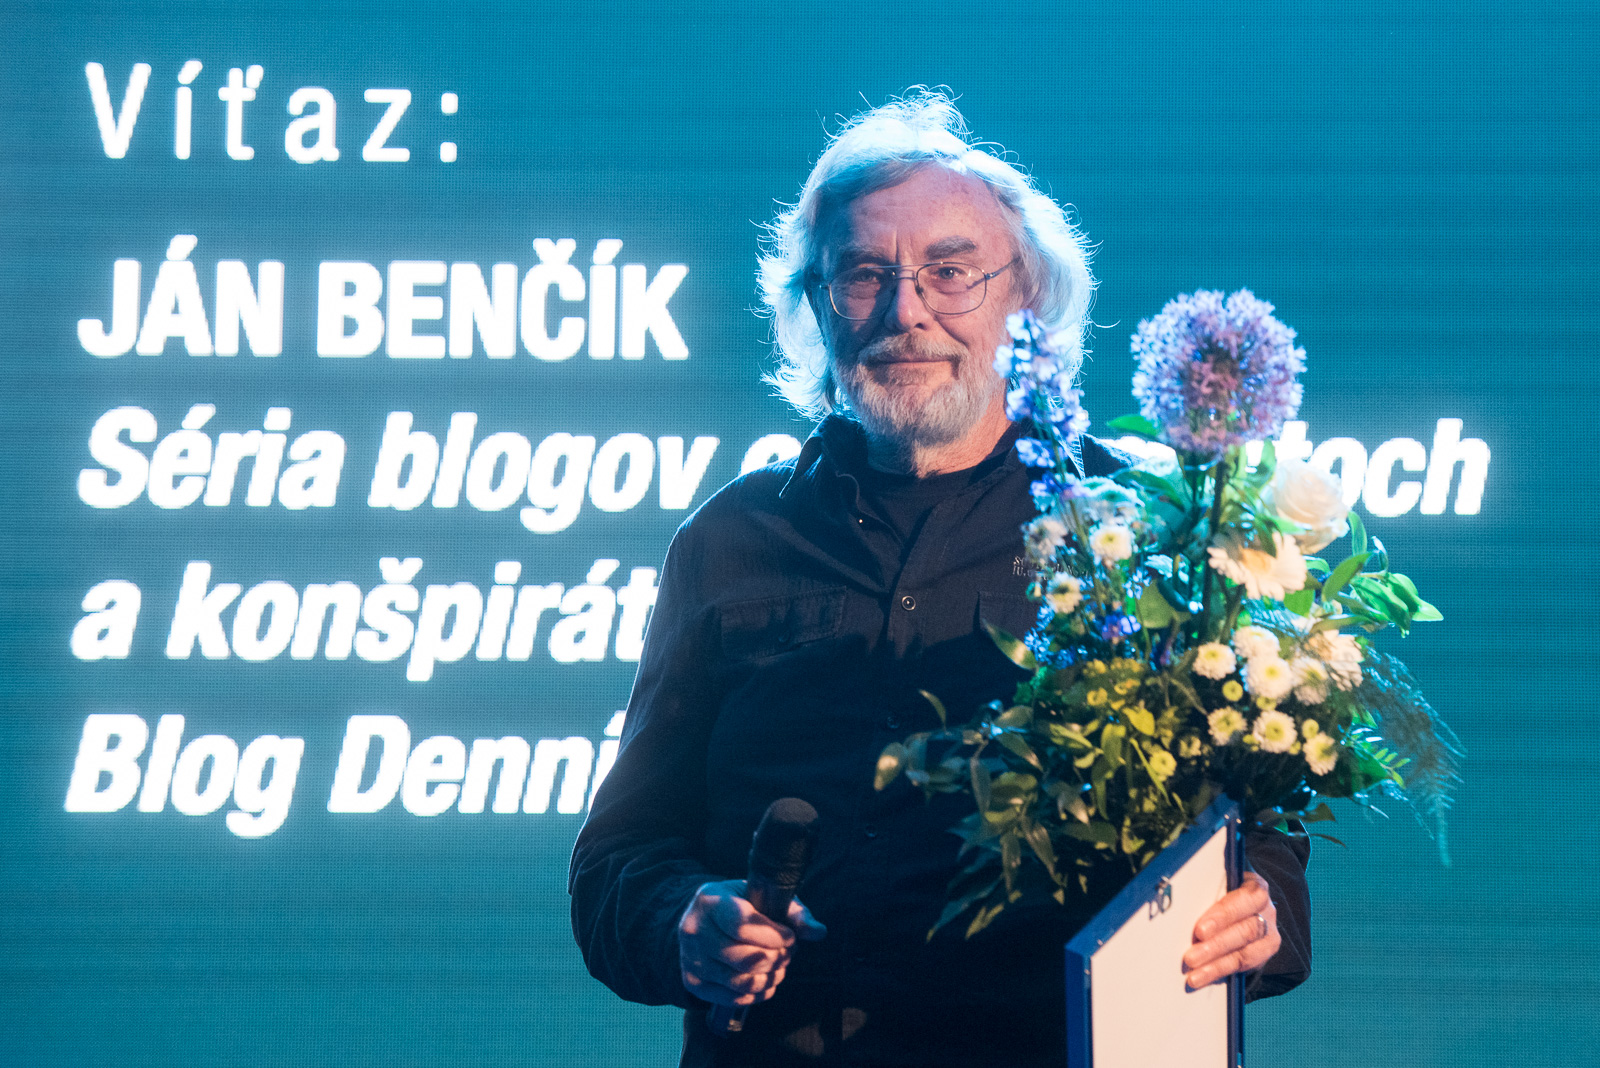 """Meno Jána Benčíka sa stalo synonymom udavačstva . Za túto """"bohumilú"""" činnosť je dokonca oceňovaný... (Foto: archív)"""